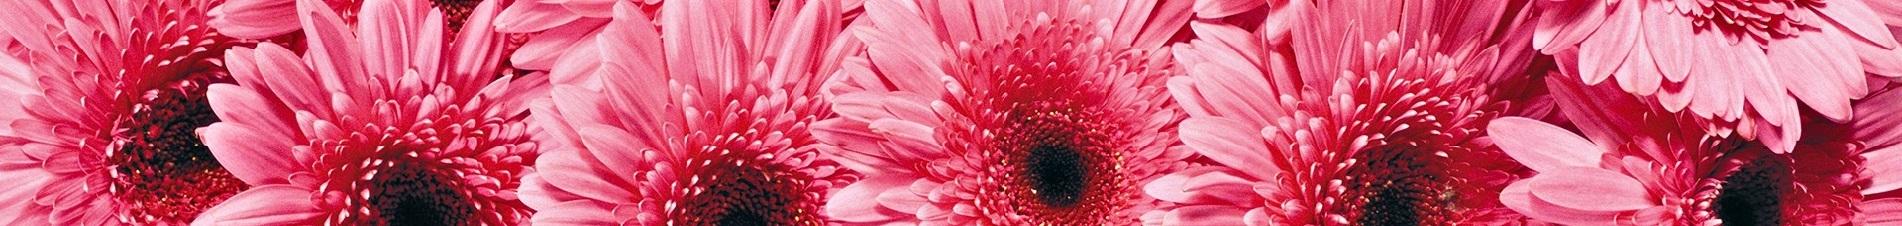 bloemen versturen naar  roze